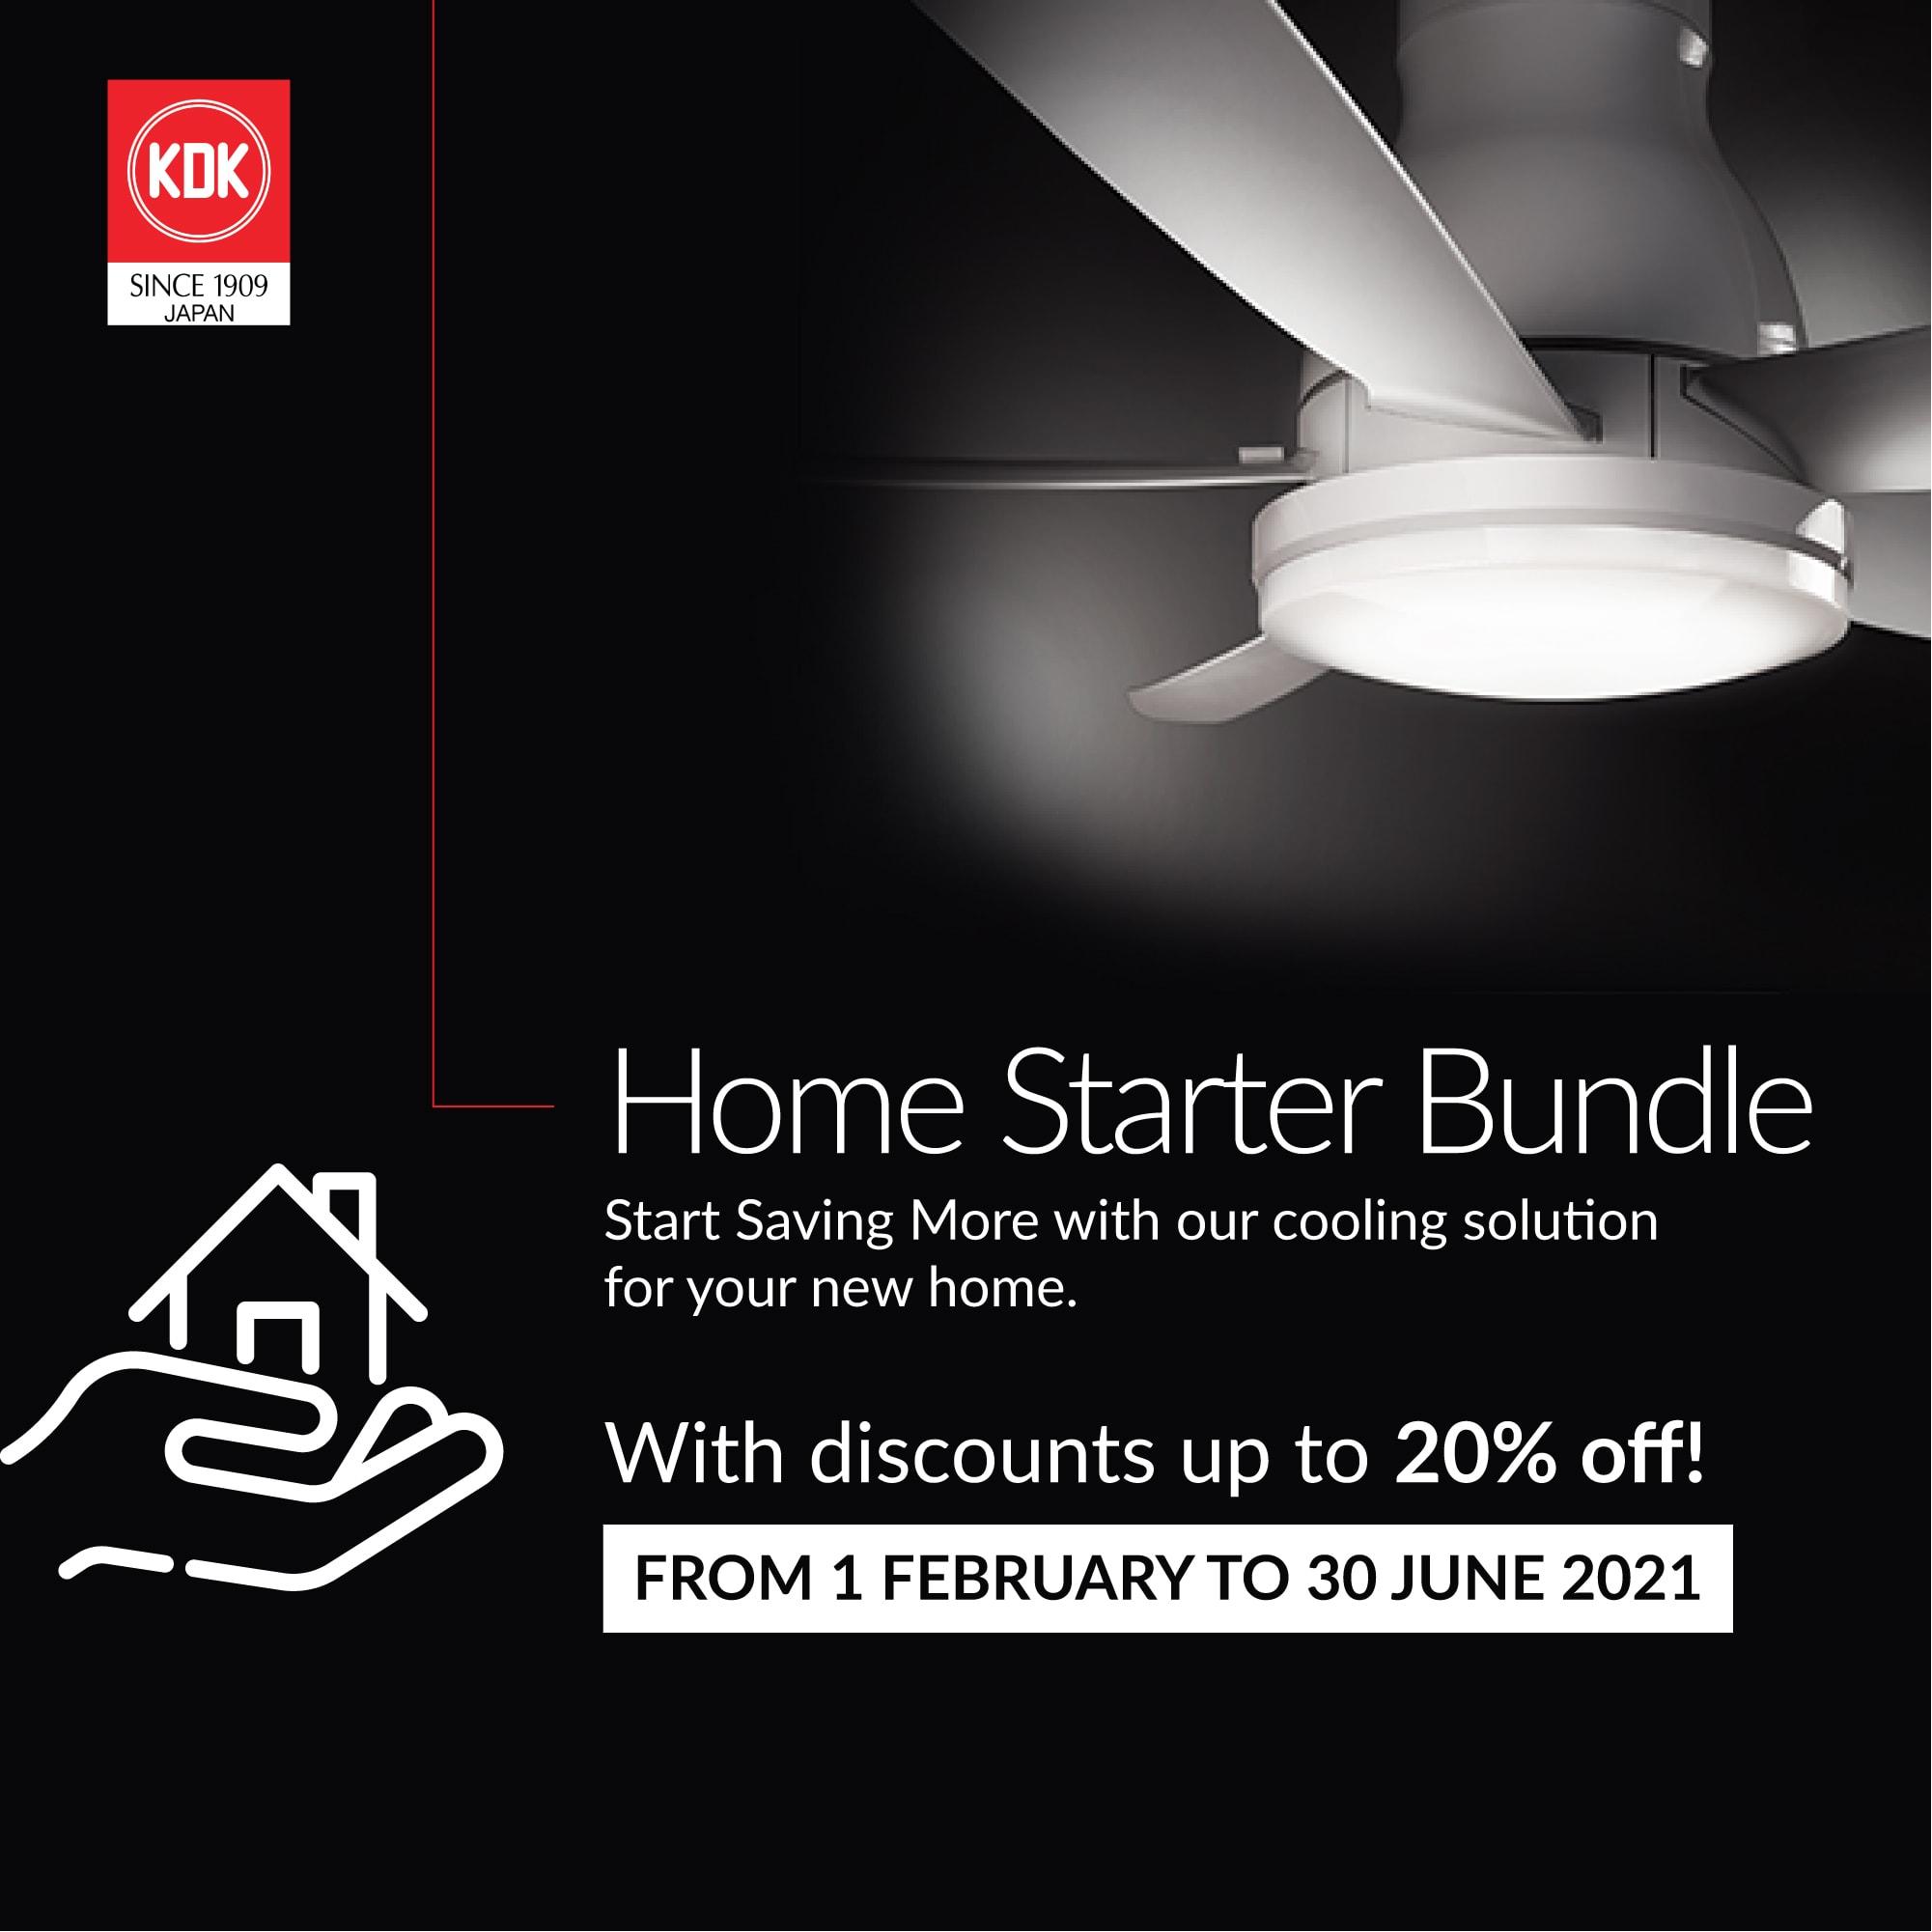 KDK Home Starter Kit Bundle Promotion